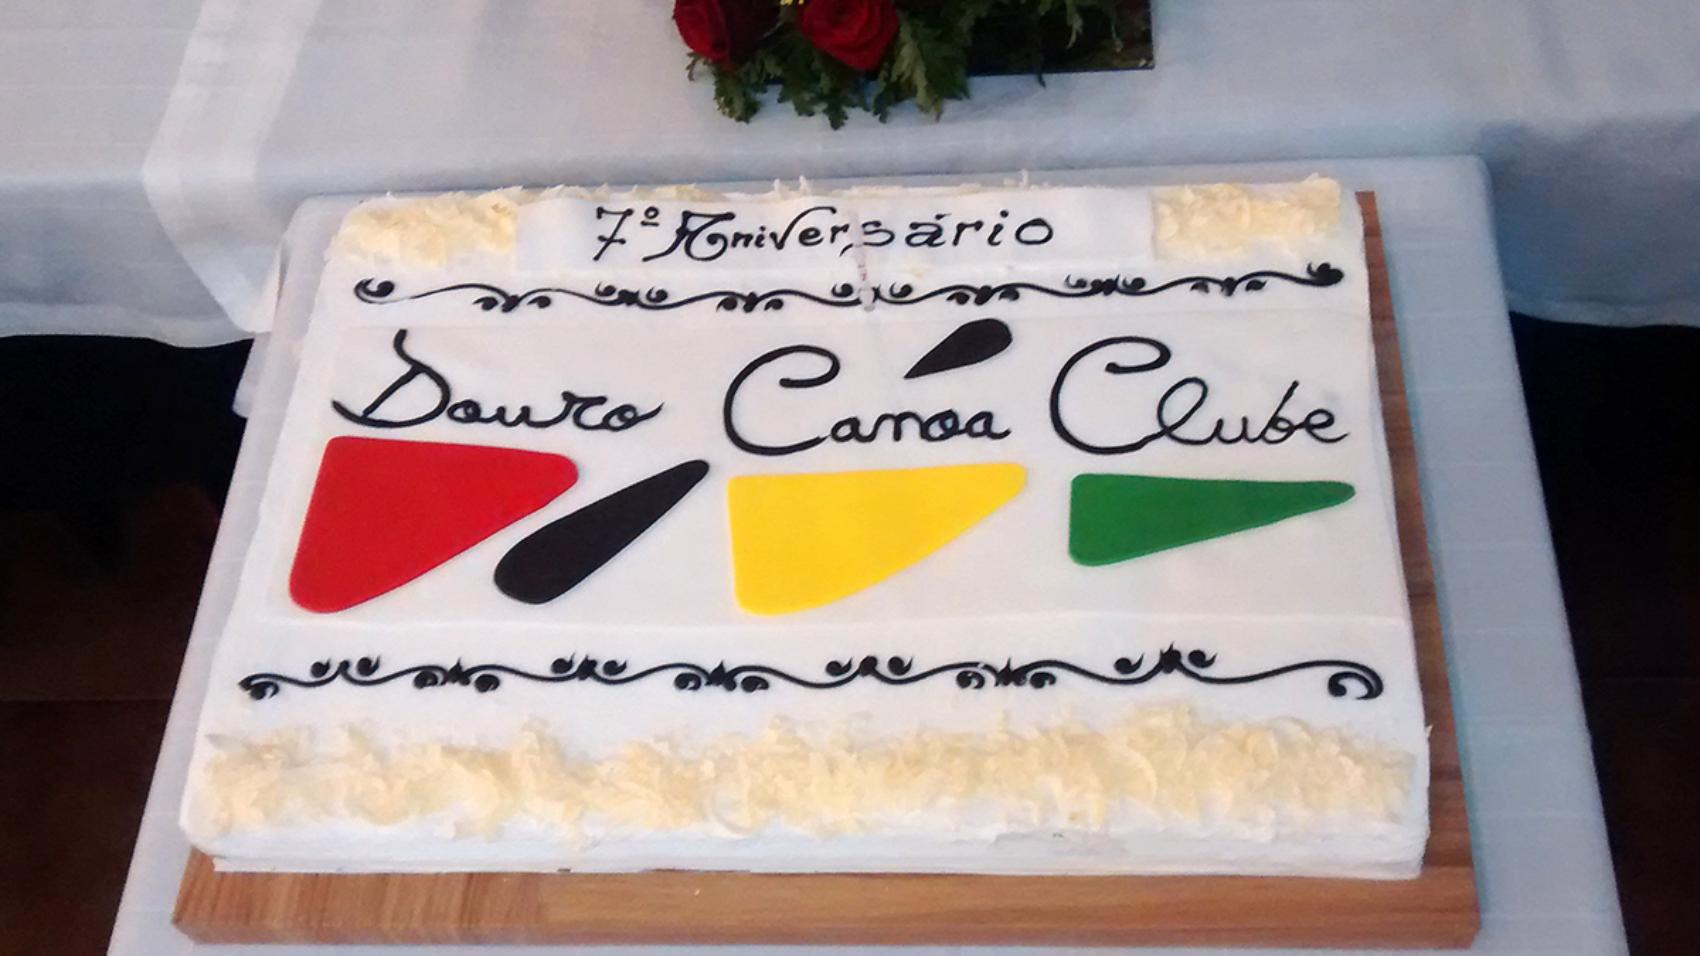 Comemorações do VII Aniversário da Fundação do Douro Canoa Clube blog Canoagem Corpos Sociais Divulgação Douro Canoa Clube